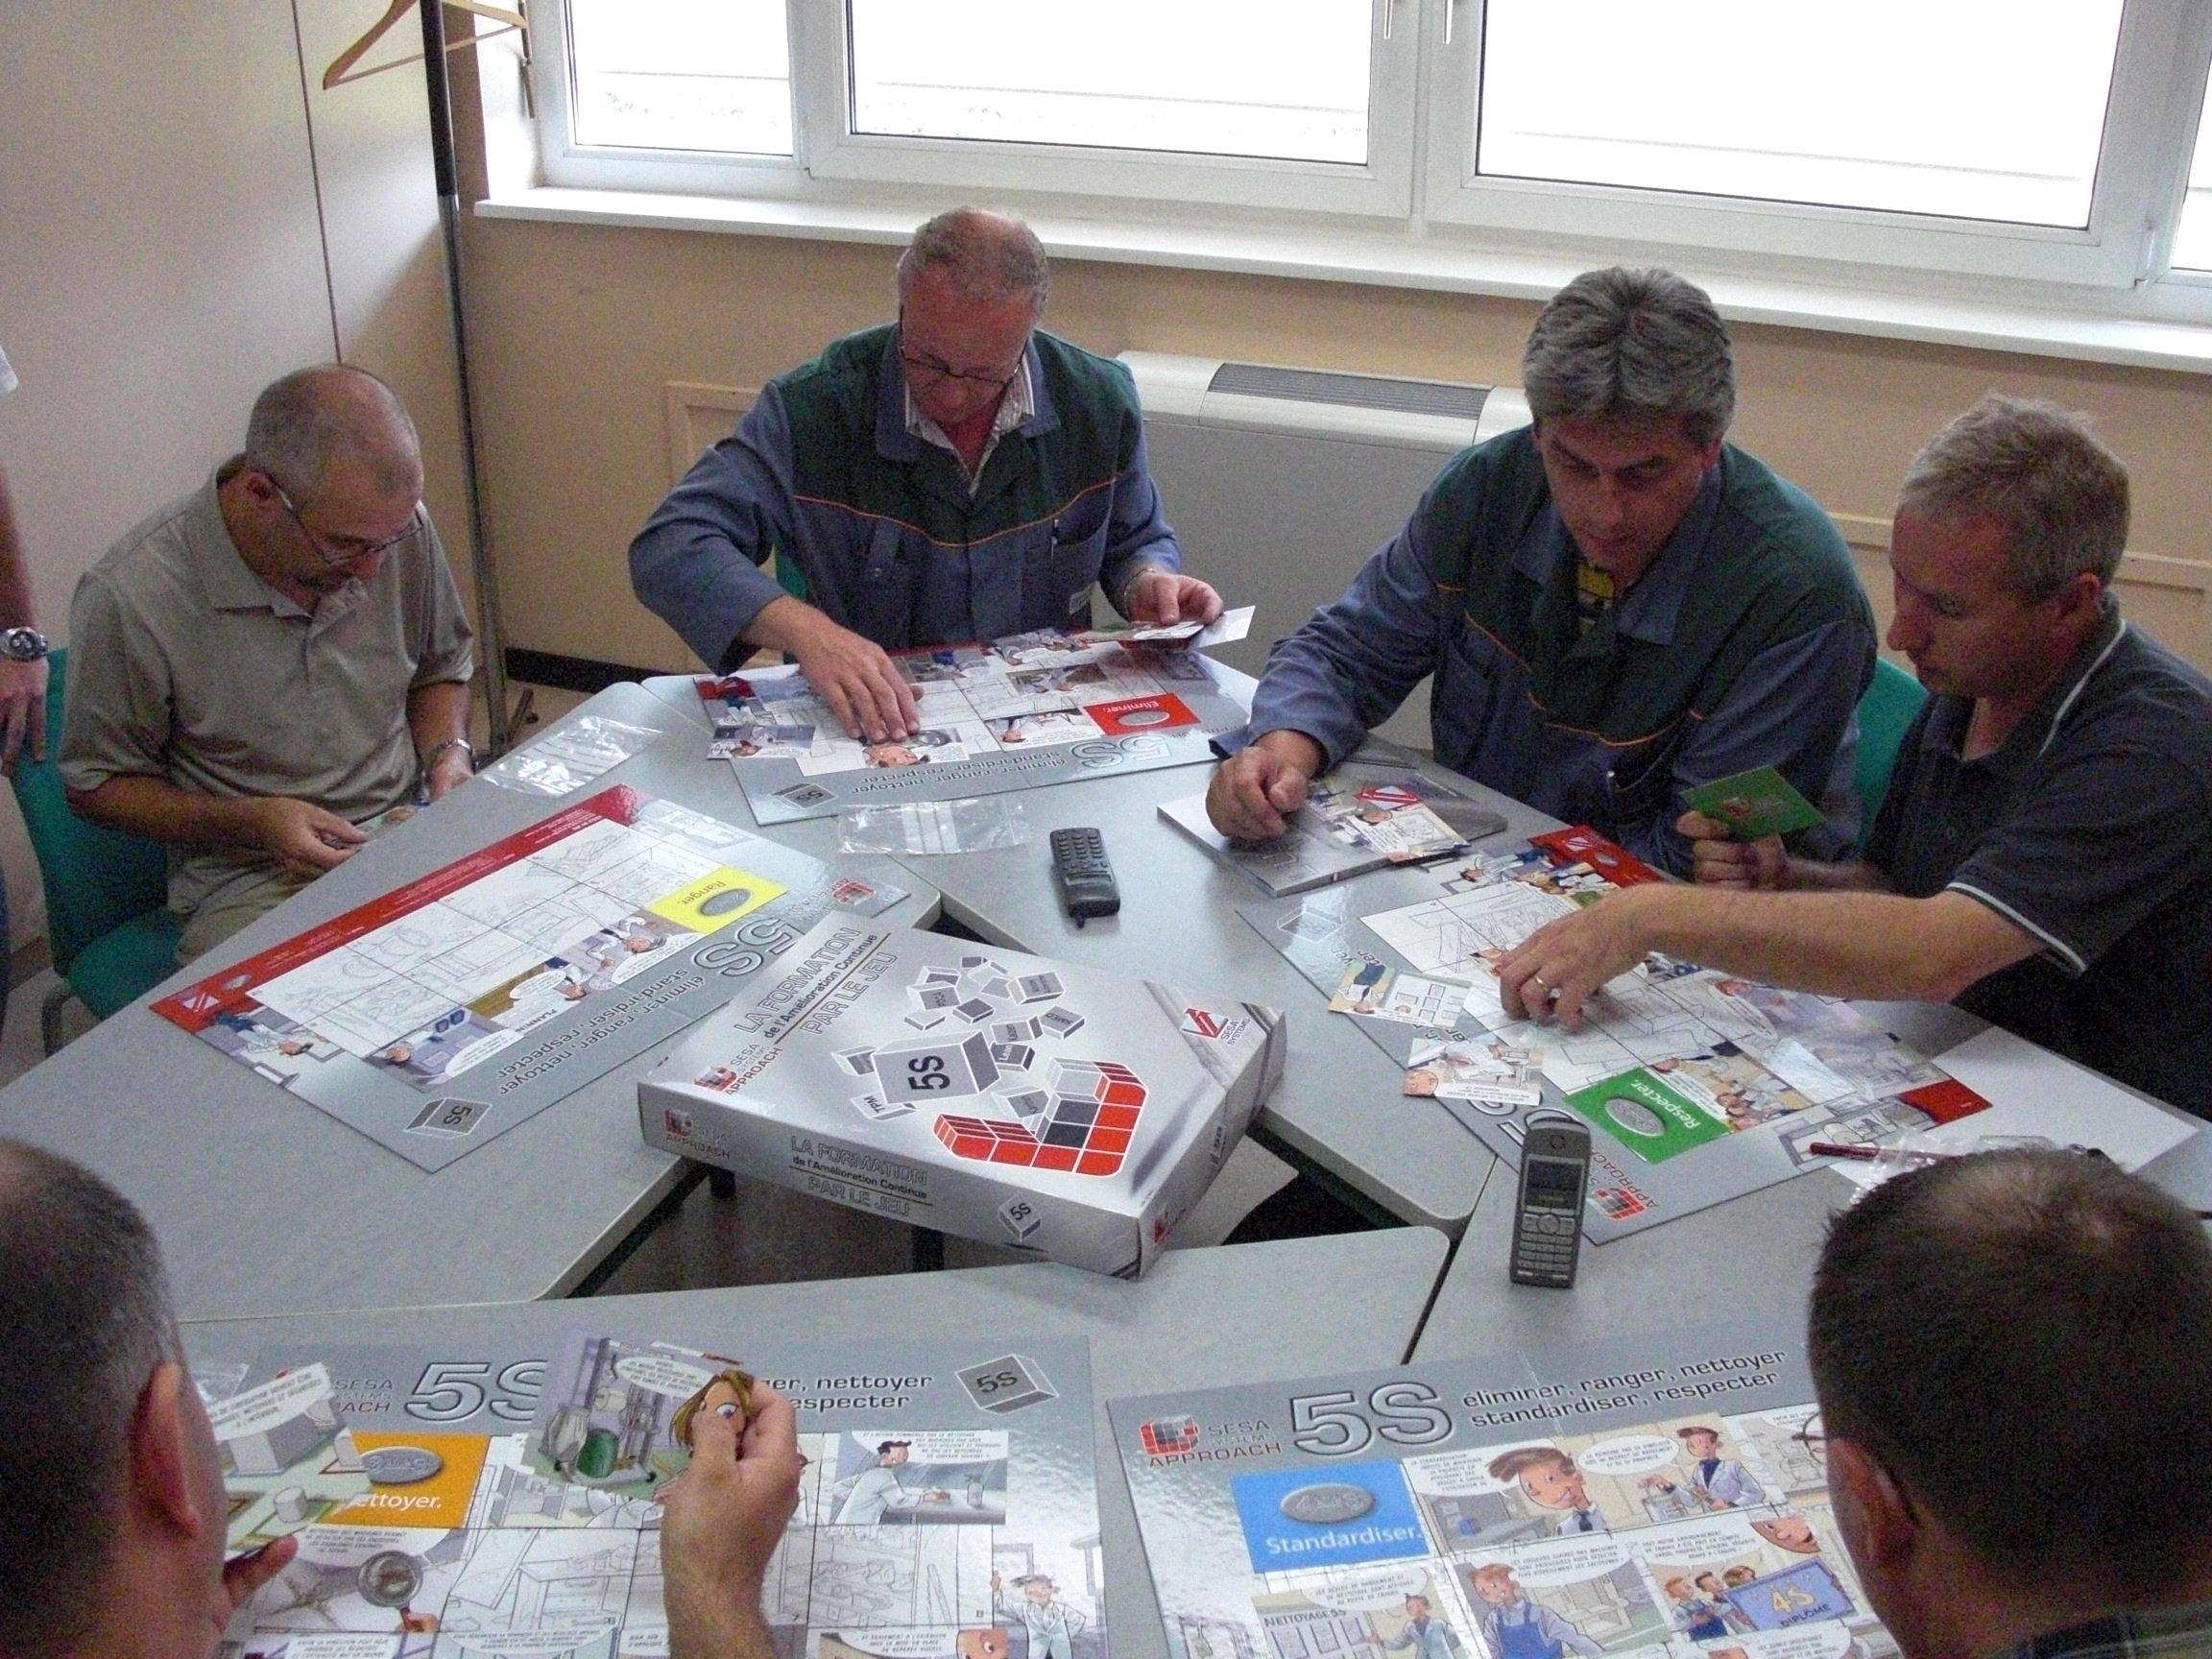 Pri učenju metode 5S, so vsi udeleženci usposabljanja vključeni aktivno.